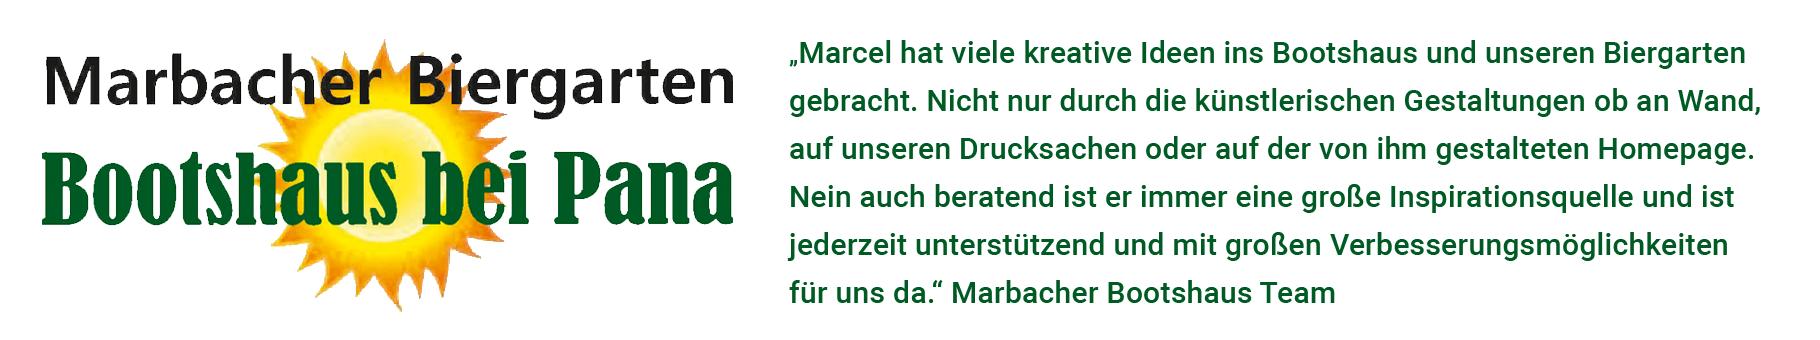 Referenz, Bootshaus-Gastronomie, Marbach am Neckar